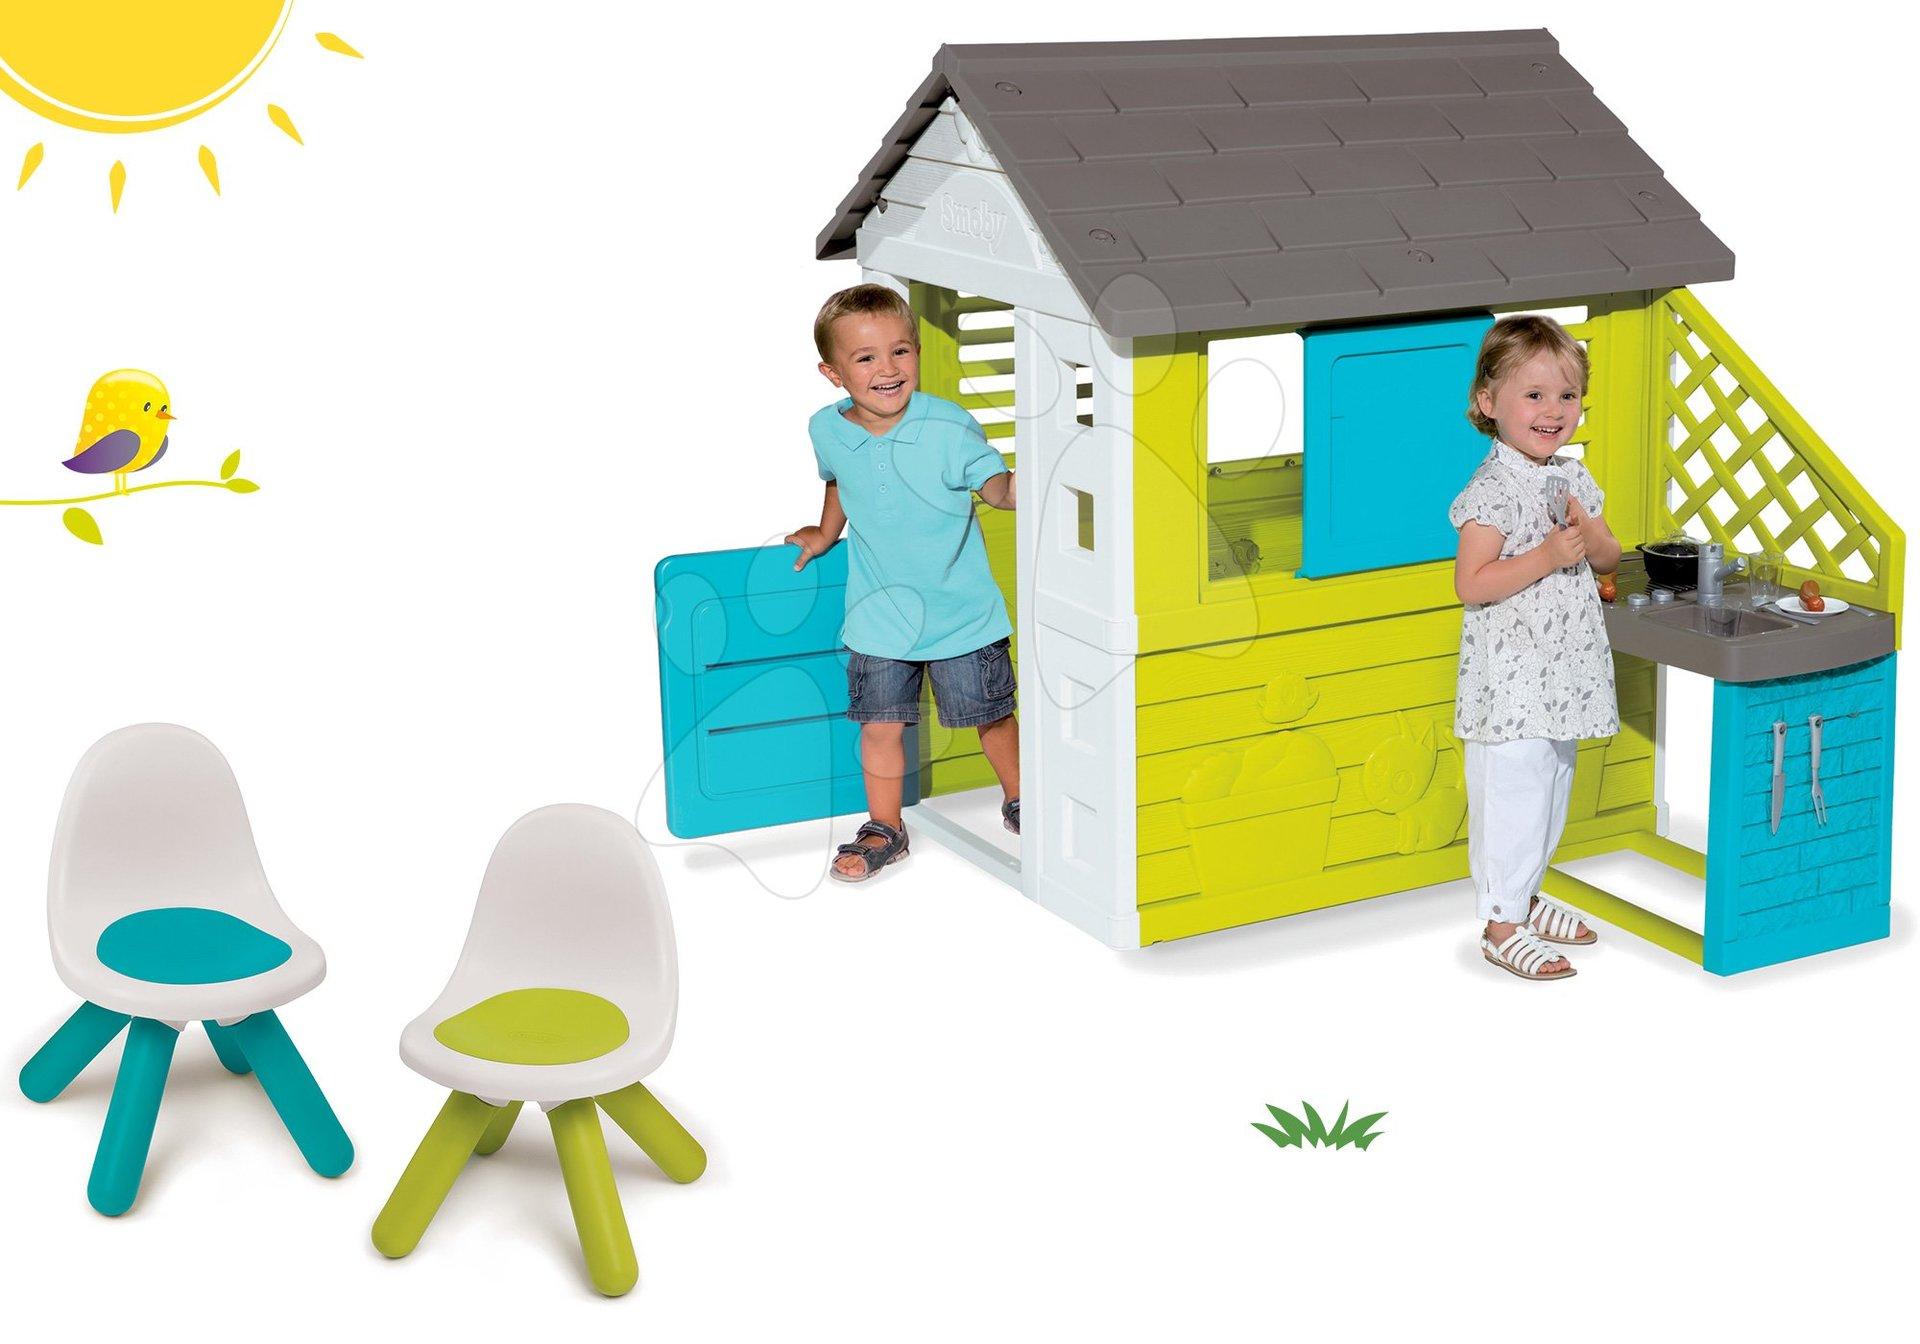 Smoby set detský domček Pretty Blue s letnou kuchynkou a stolička KidChair zelená a modrá 810703-36